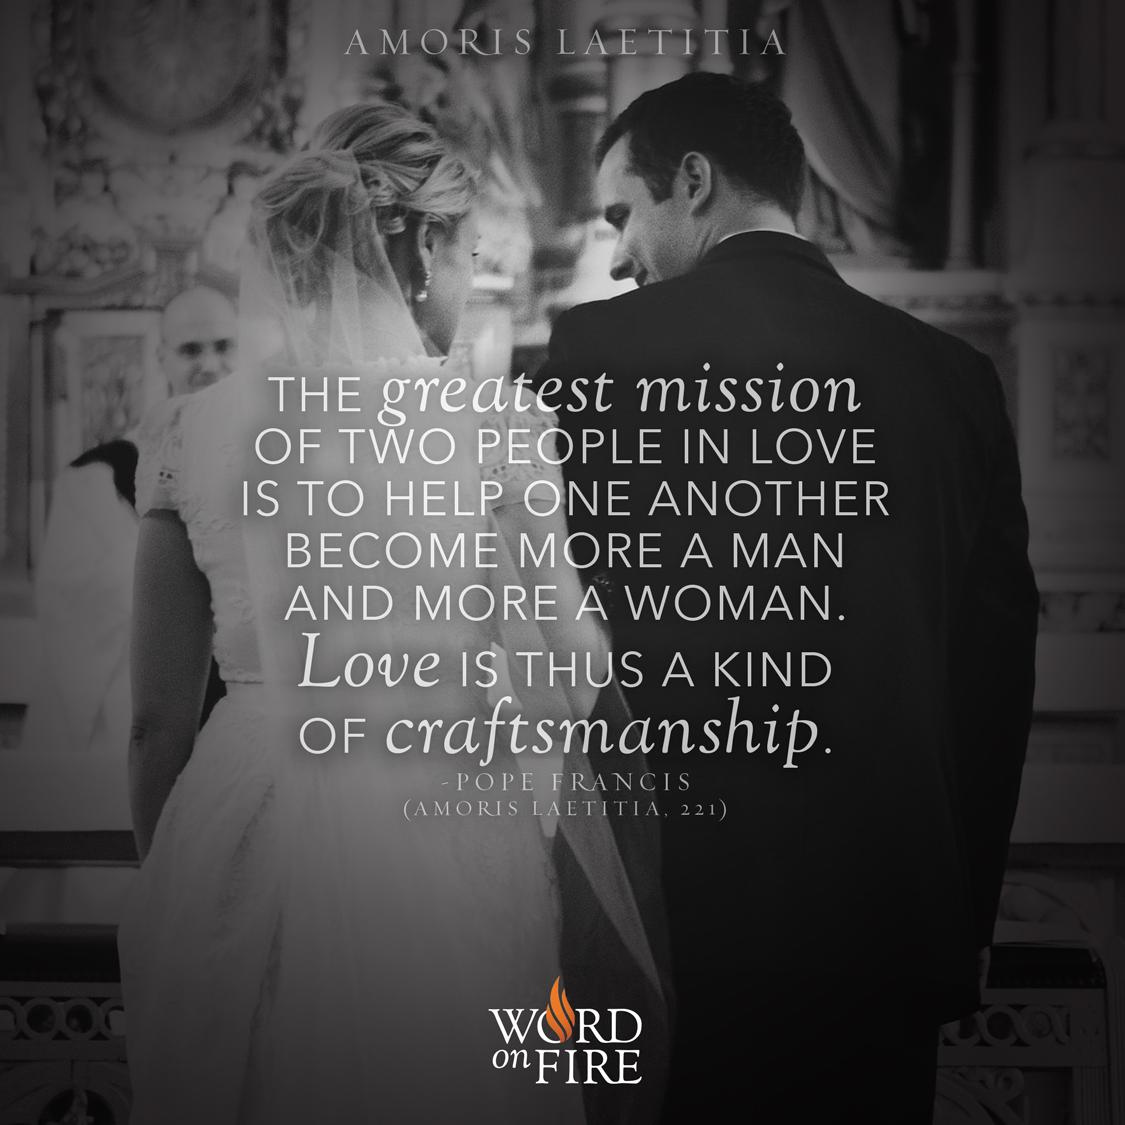 AmorisLaetitia_Marriage1